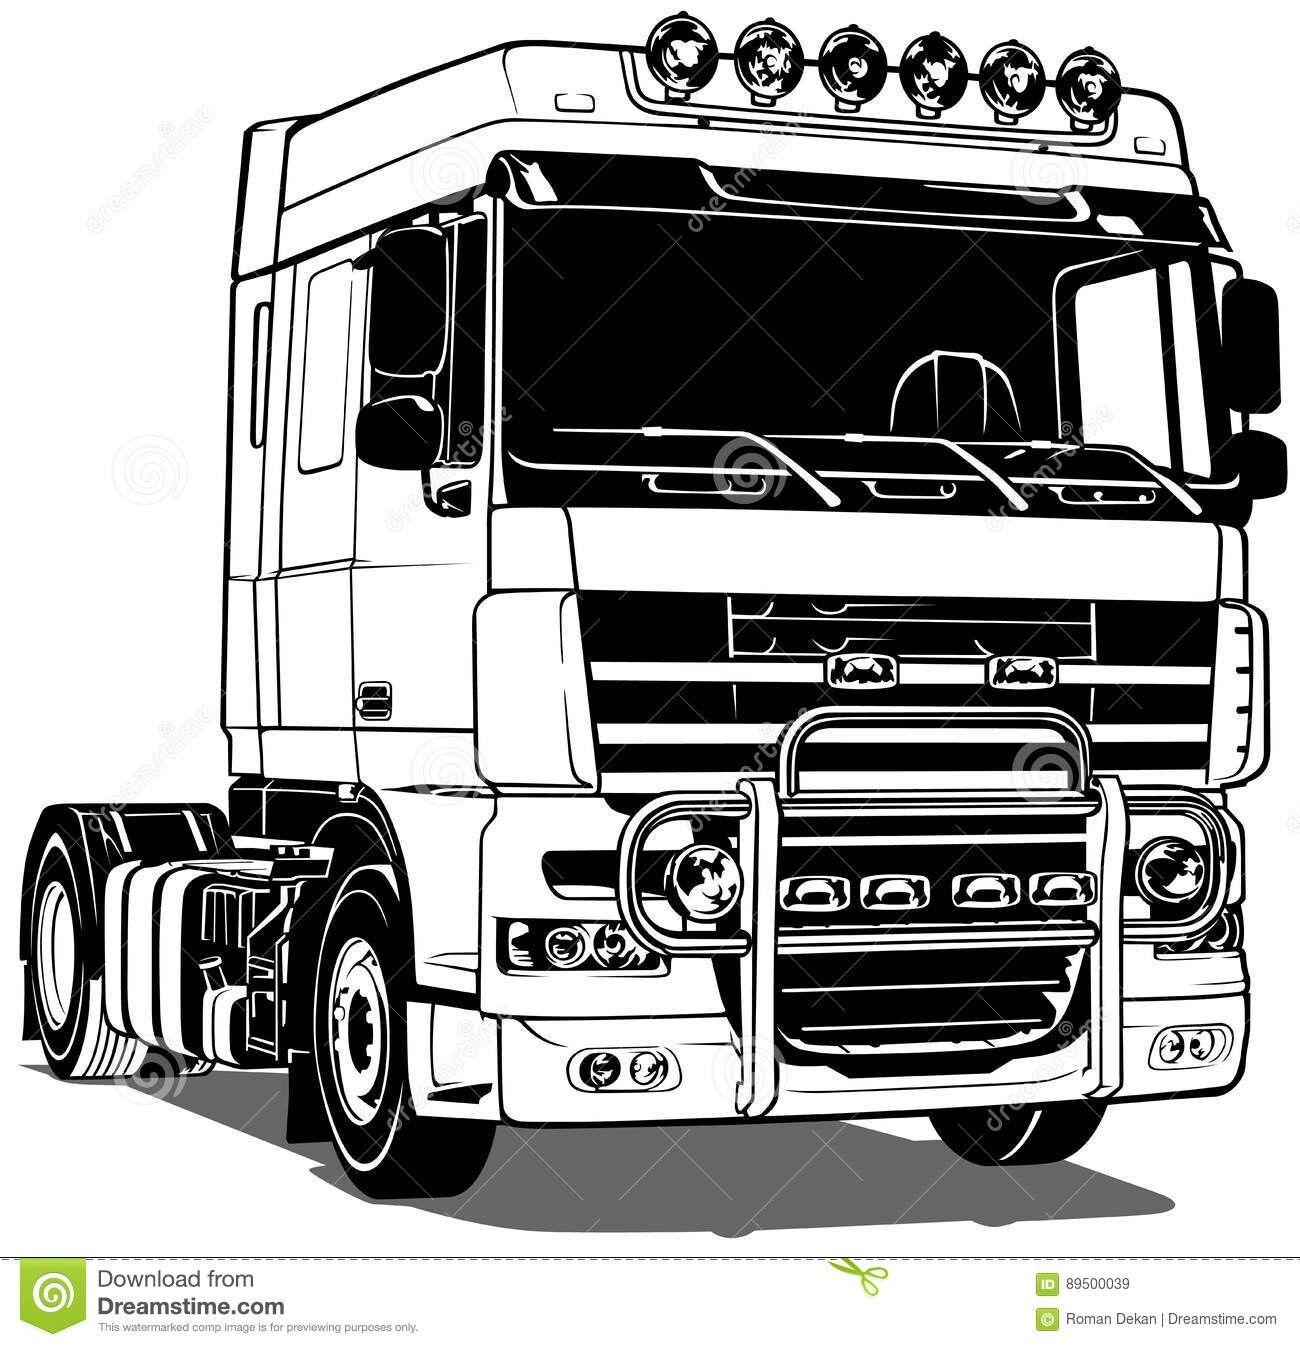 Pin De Vladimir Em Cartoon Desenhos De Carros Desenho De Carreta Ideias Para Logotipos